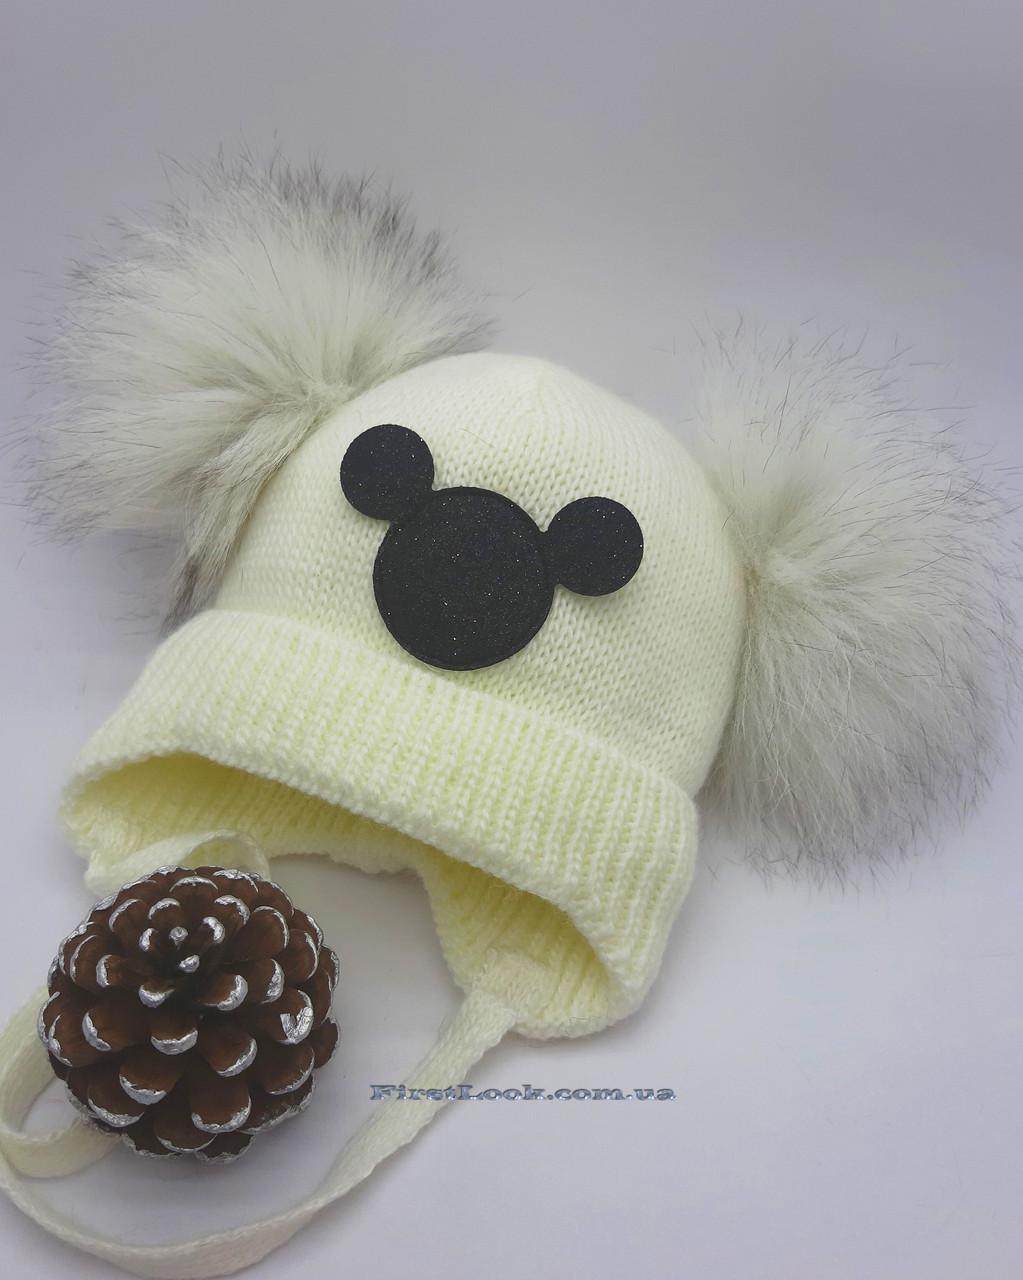 Зимняя детская шапка  Кроха( 0-12 мес.),натуральный помпон.Полушерсть.